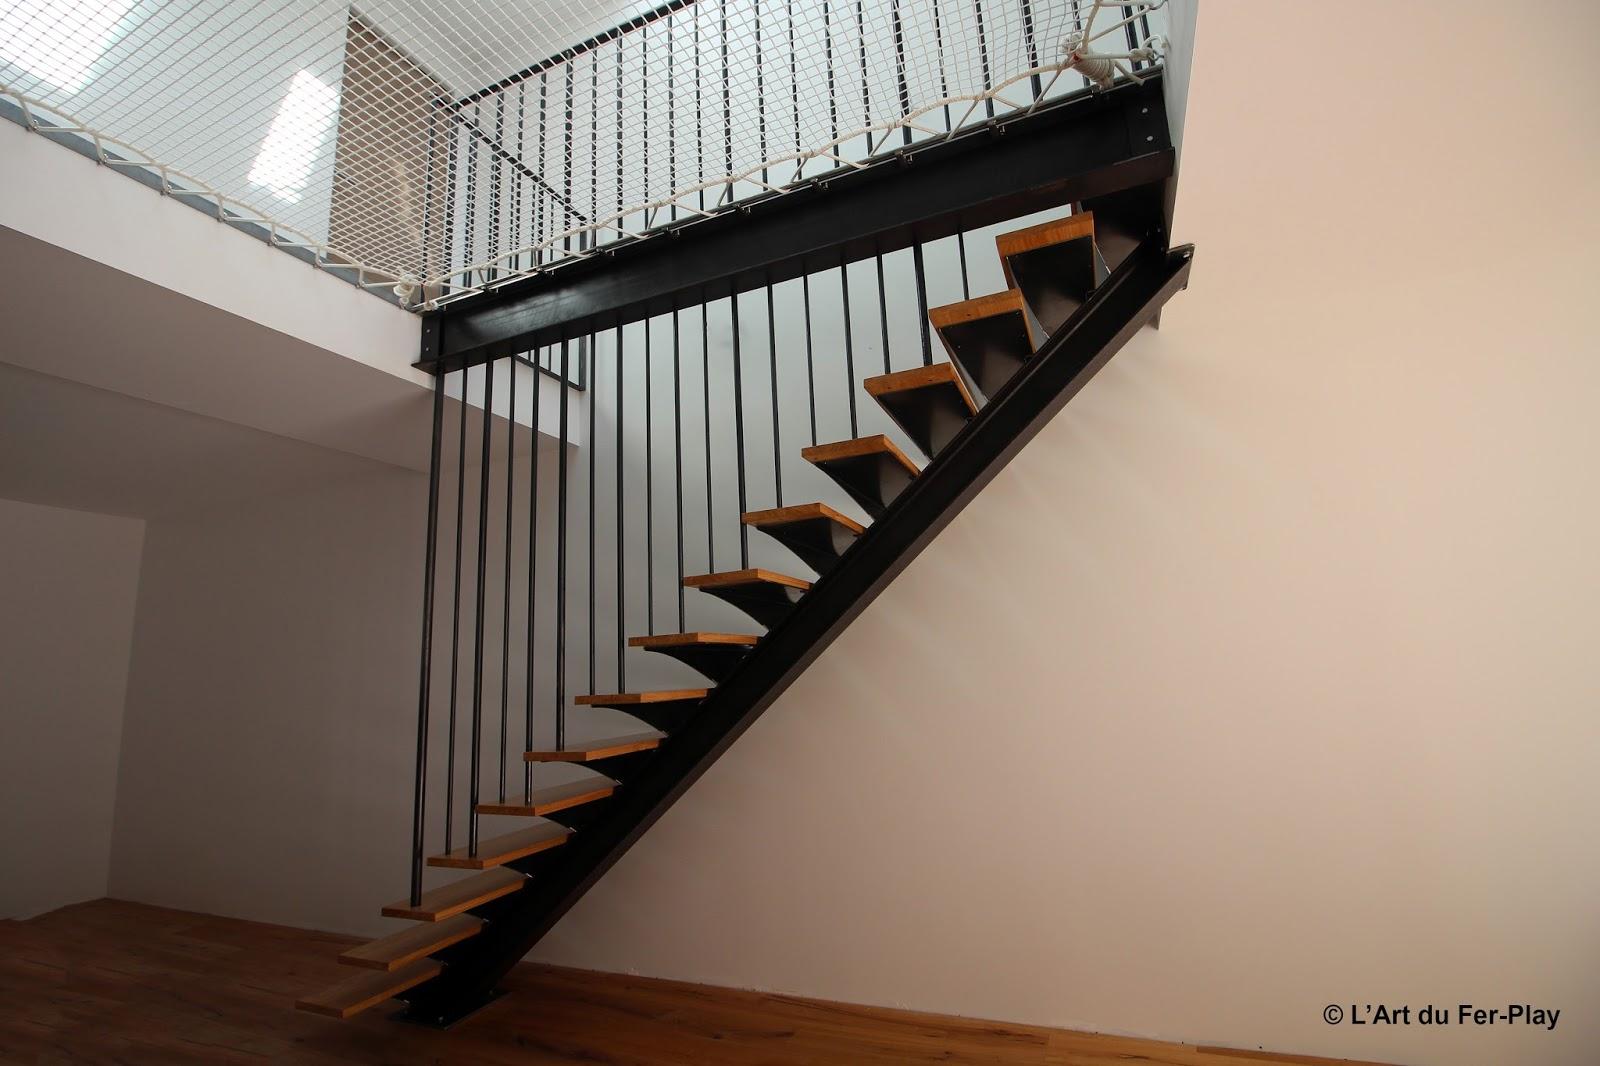 escalier droit deux rampes